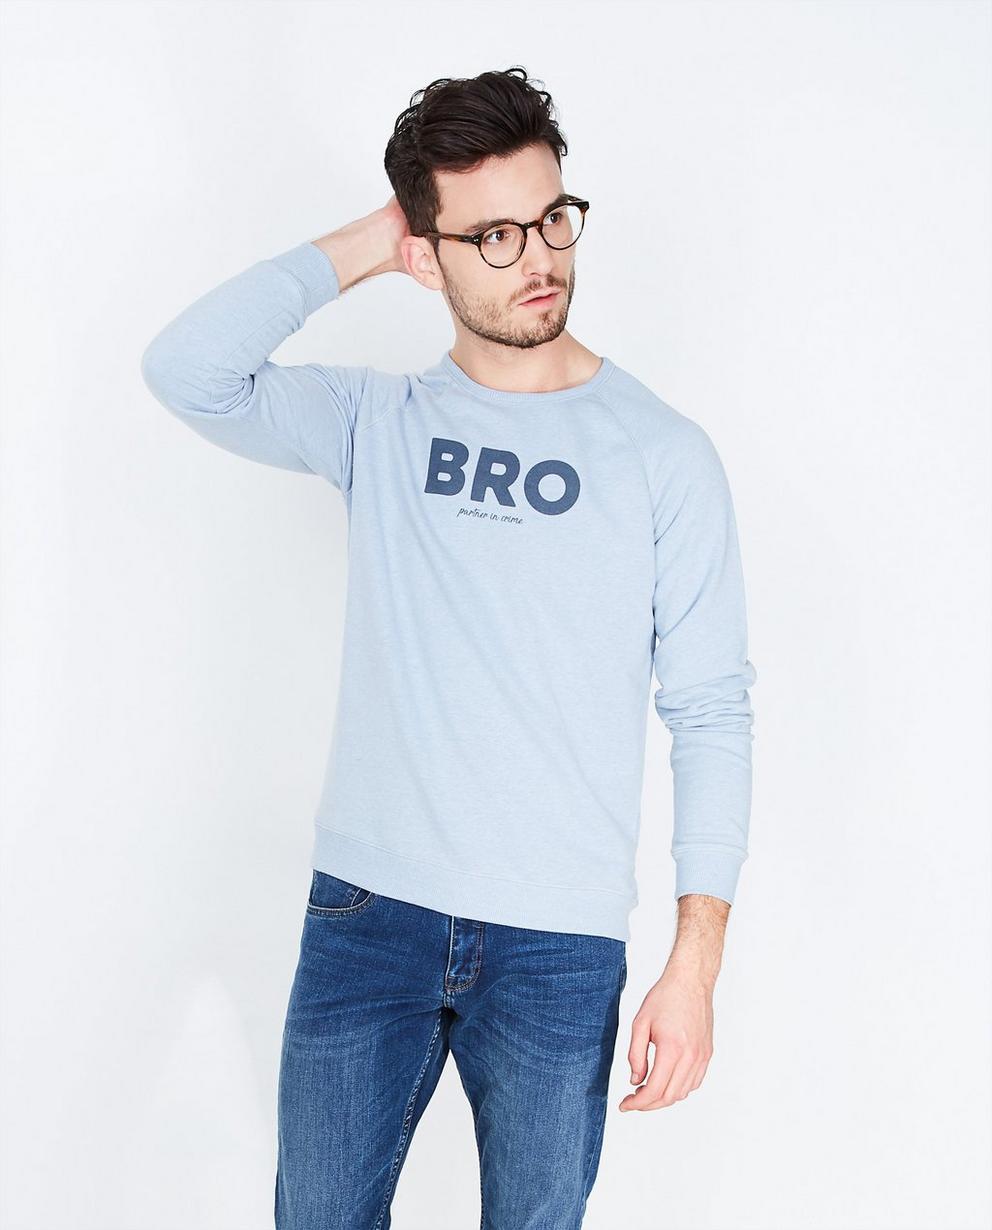 Hemelsblauwe sweater - #familystoriesjbc - JBC